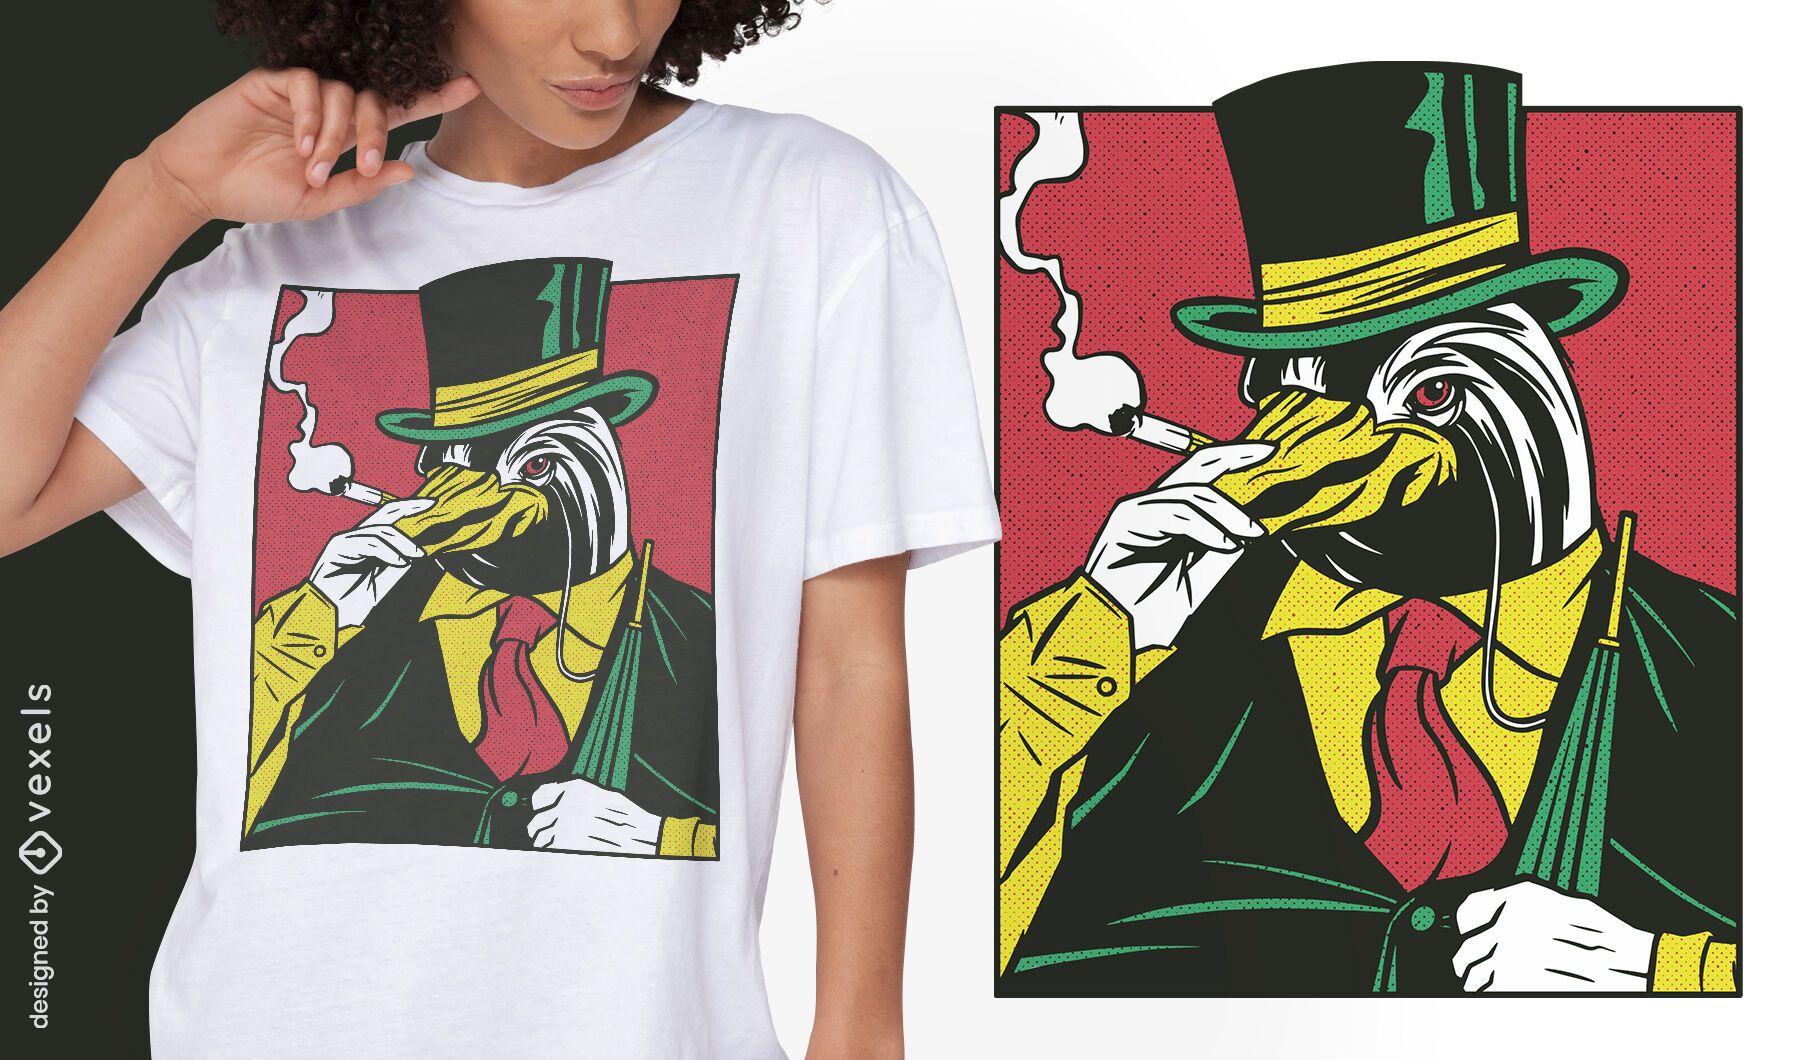 Diseño de camiseta cómica animal pingüino mafia